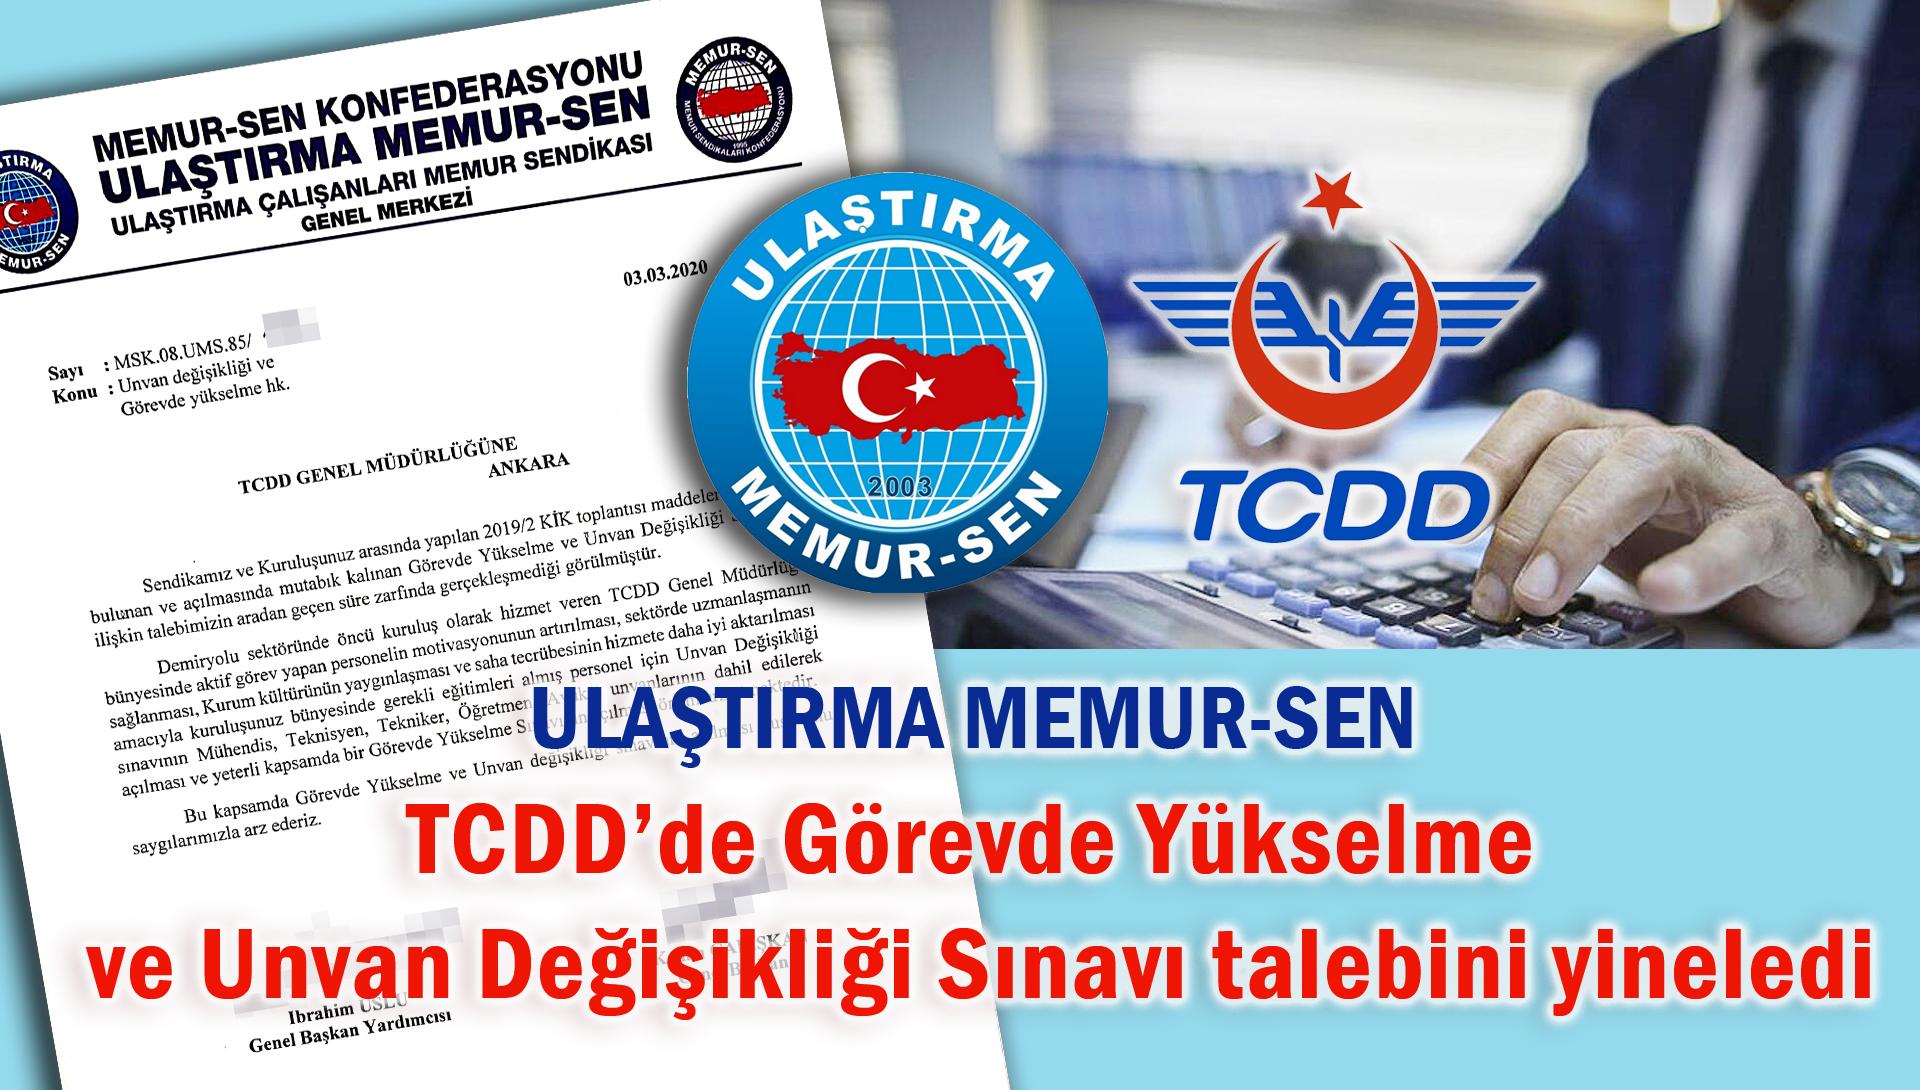 TCDD'de Görevde Yükselme ve Unvan Değişikliği Sınavına ilişkin talebimizi yineledik